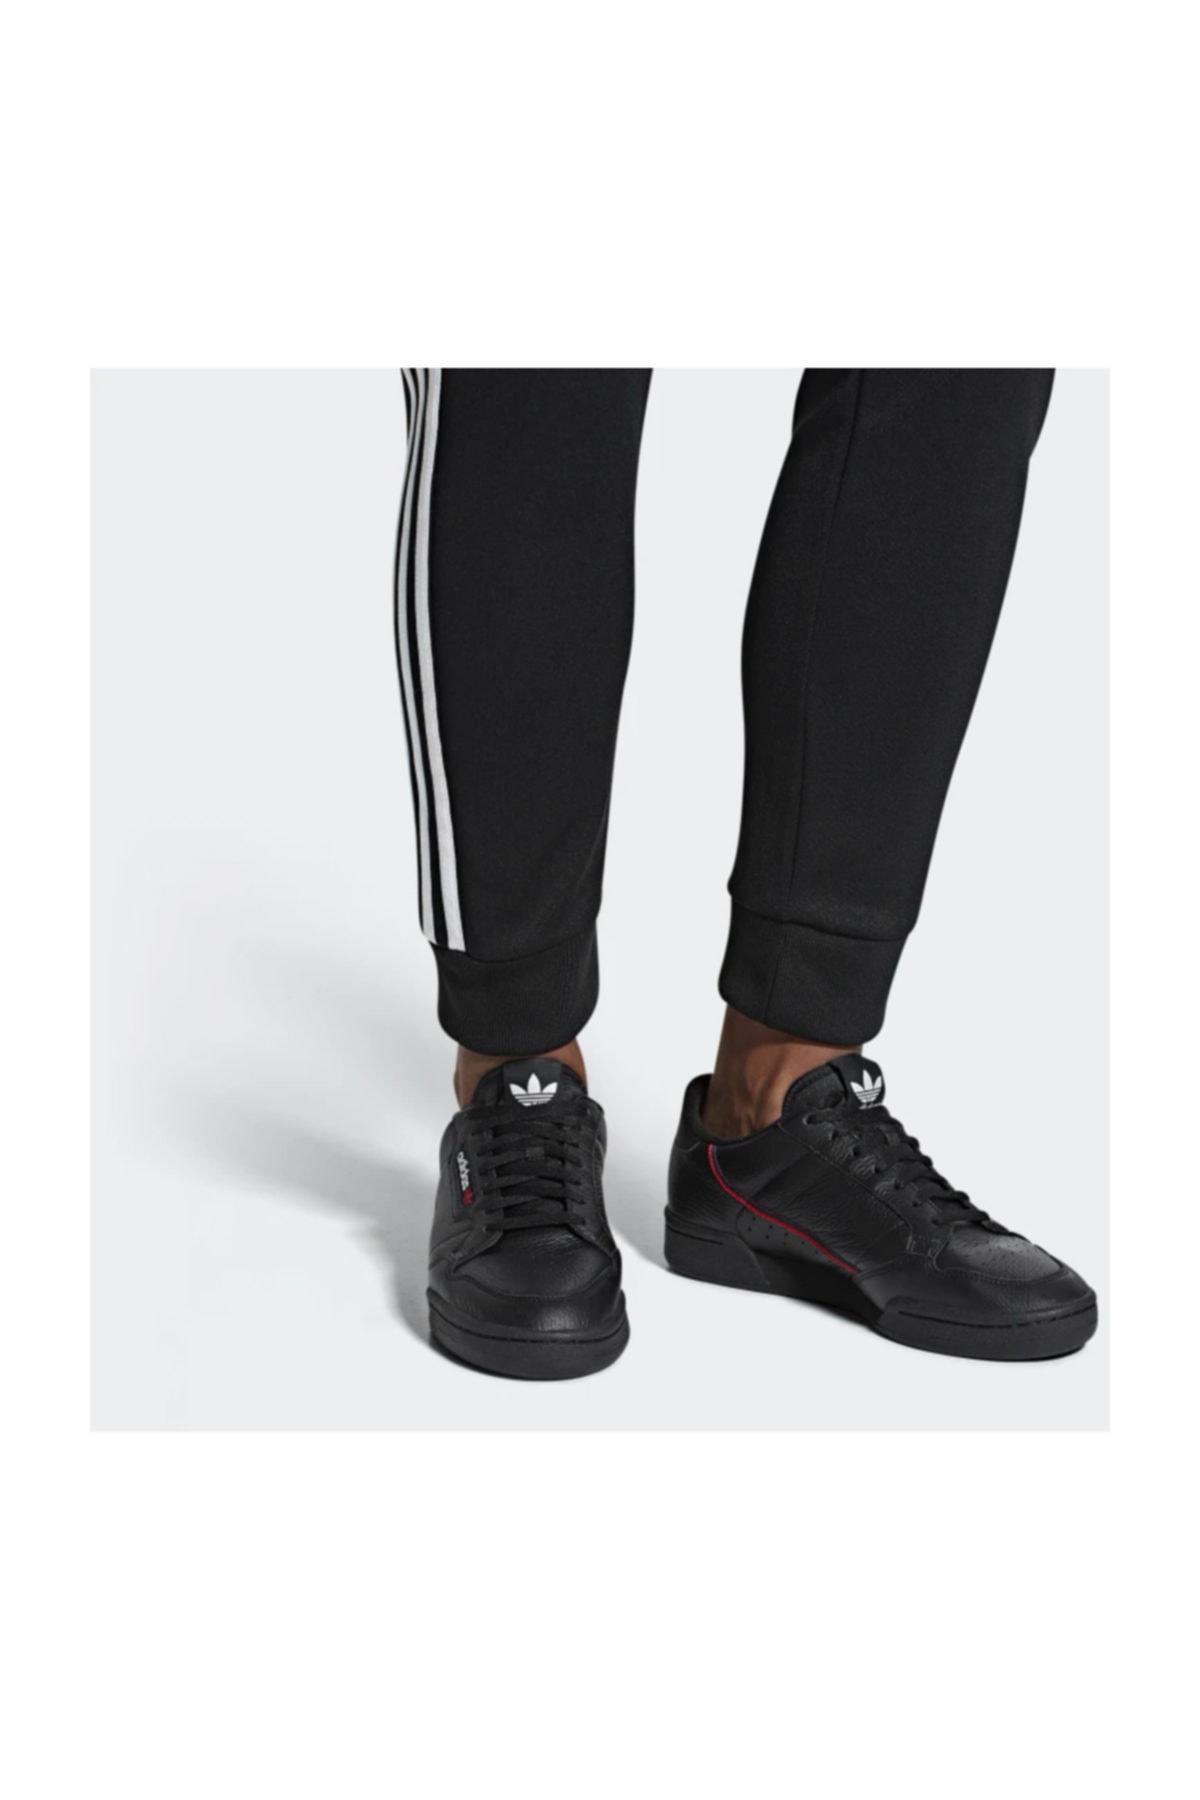 adidas Erkek Günlük Spor Ayakkabı G27707 Contınental 80 2